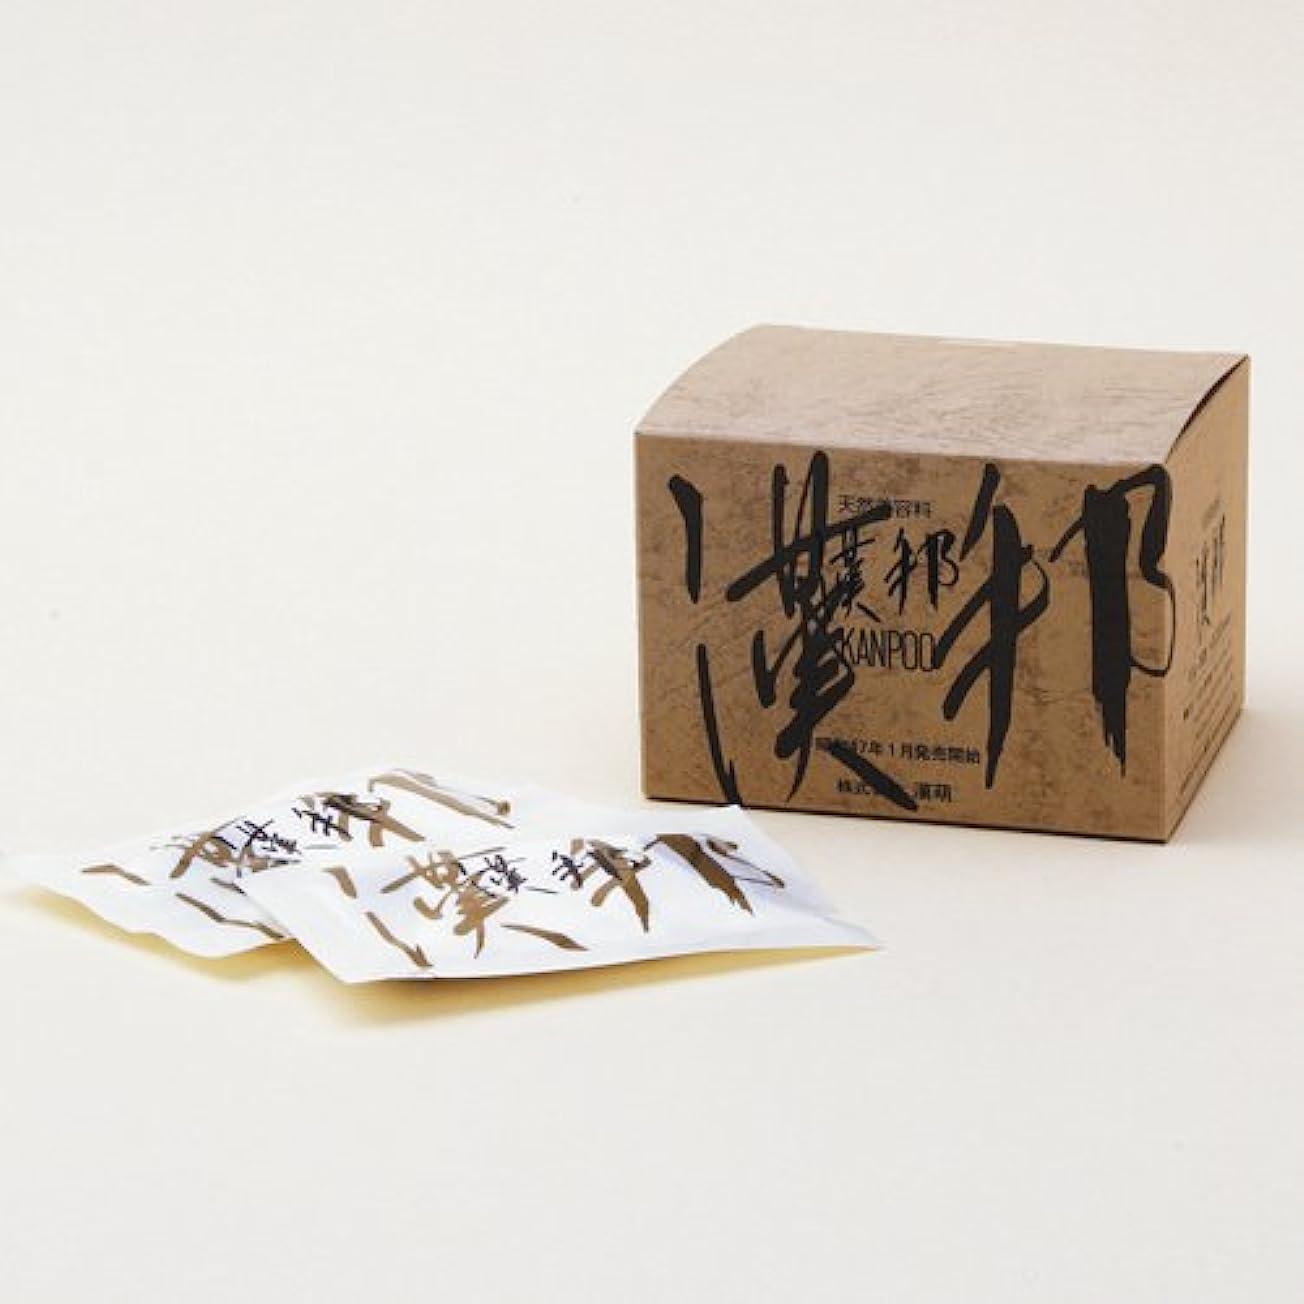 意志に反する魅力ゴールデン漢萌(KANPOO) 漢邦ぬか袋(全肌活肌料) 熟成12年 10g×16袋